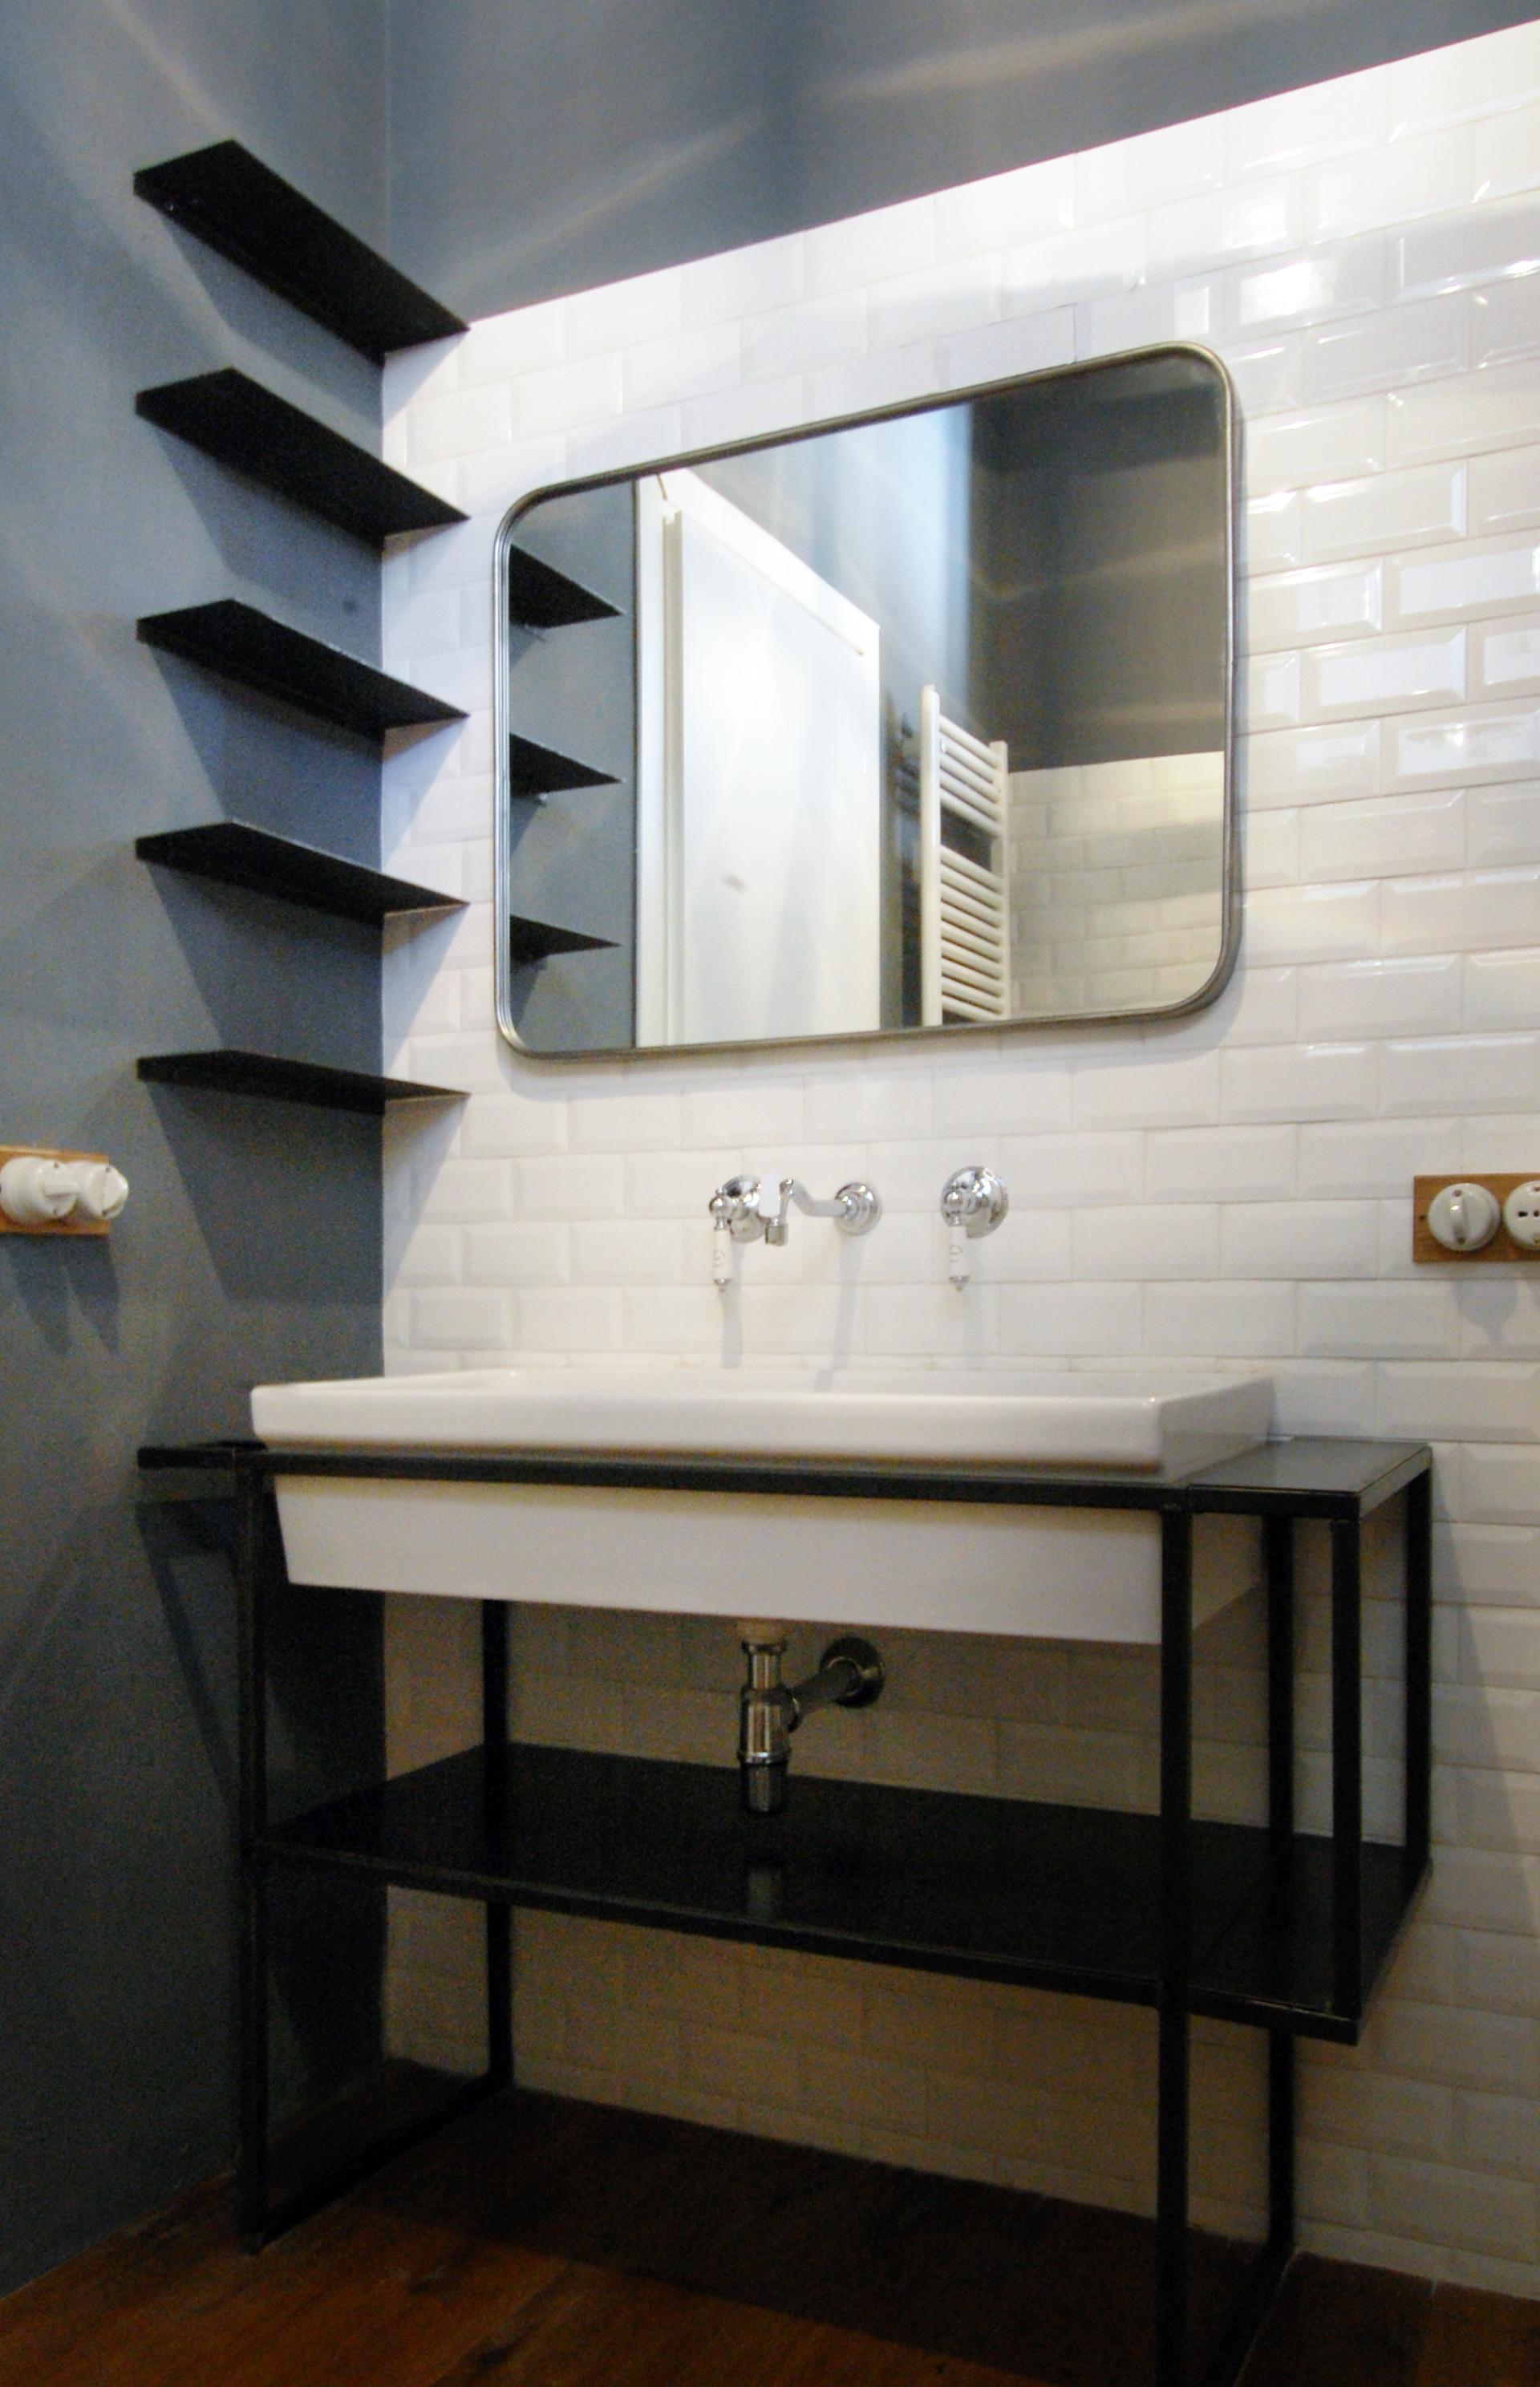 Il bagno, connubio tra le linee rigorose e dettagli romantici.